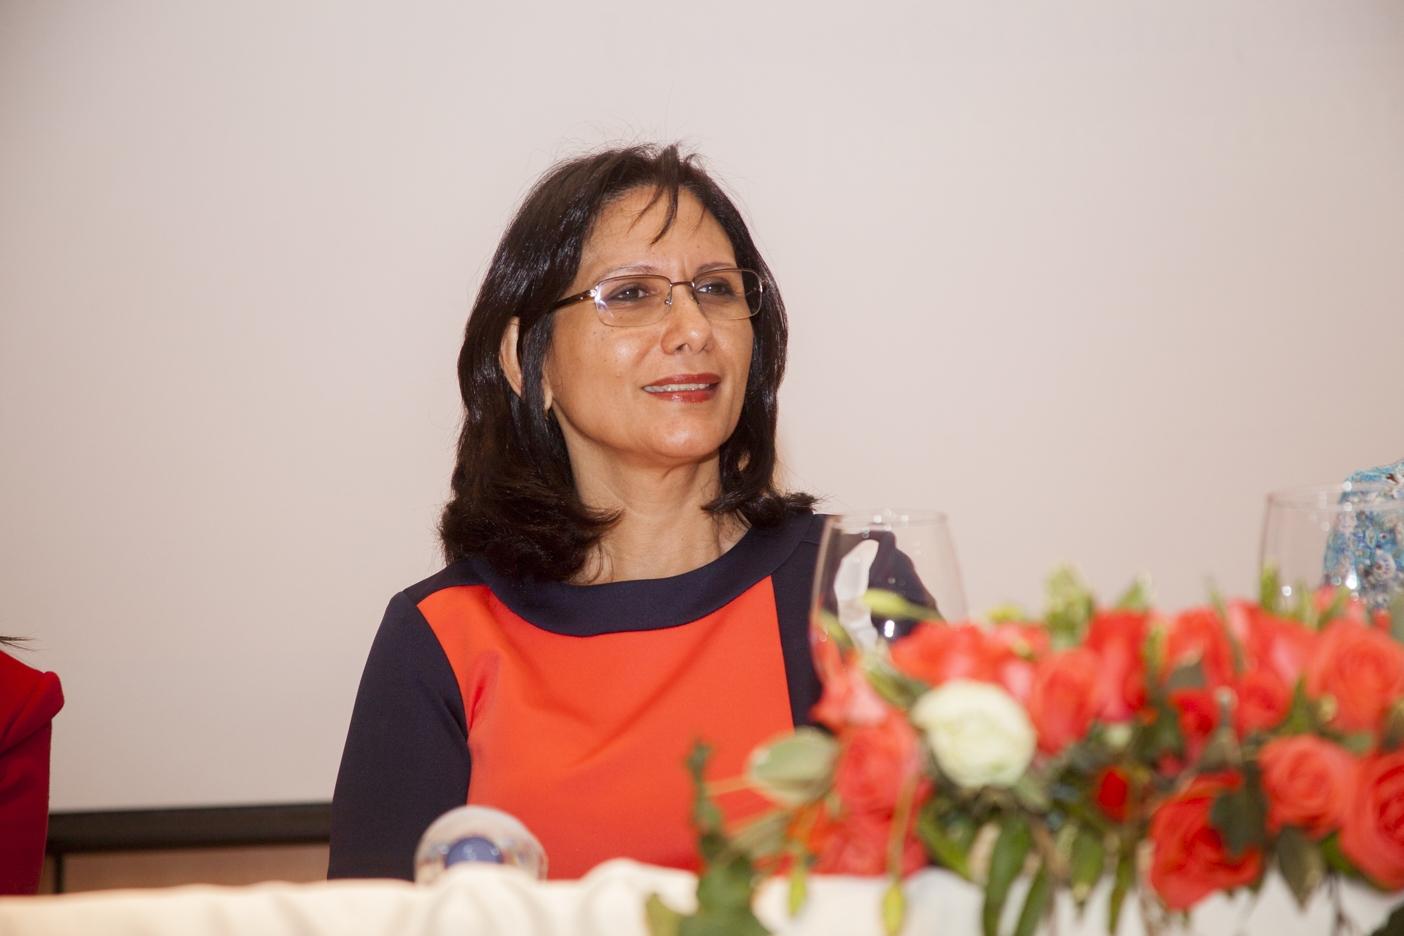 Dra. Luz Inmaculada Madera, Vicerrectora de Investigación, Innovación y Relaciones Internacionales de UNAPEC.